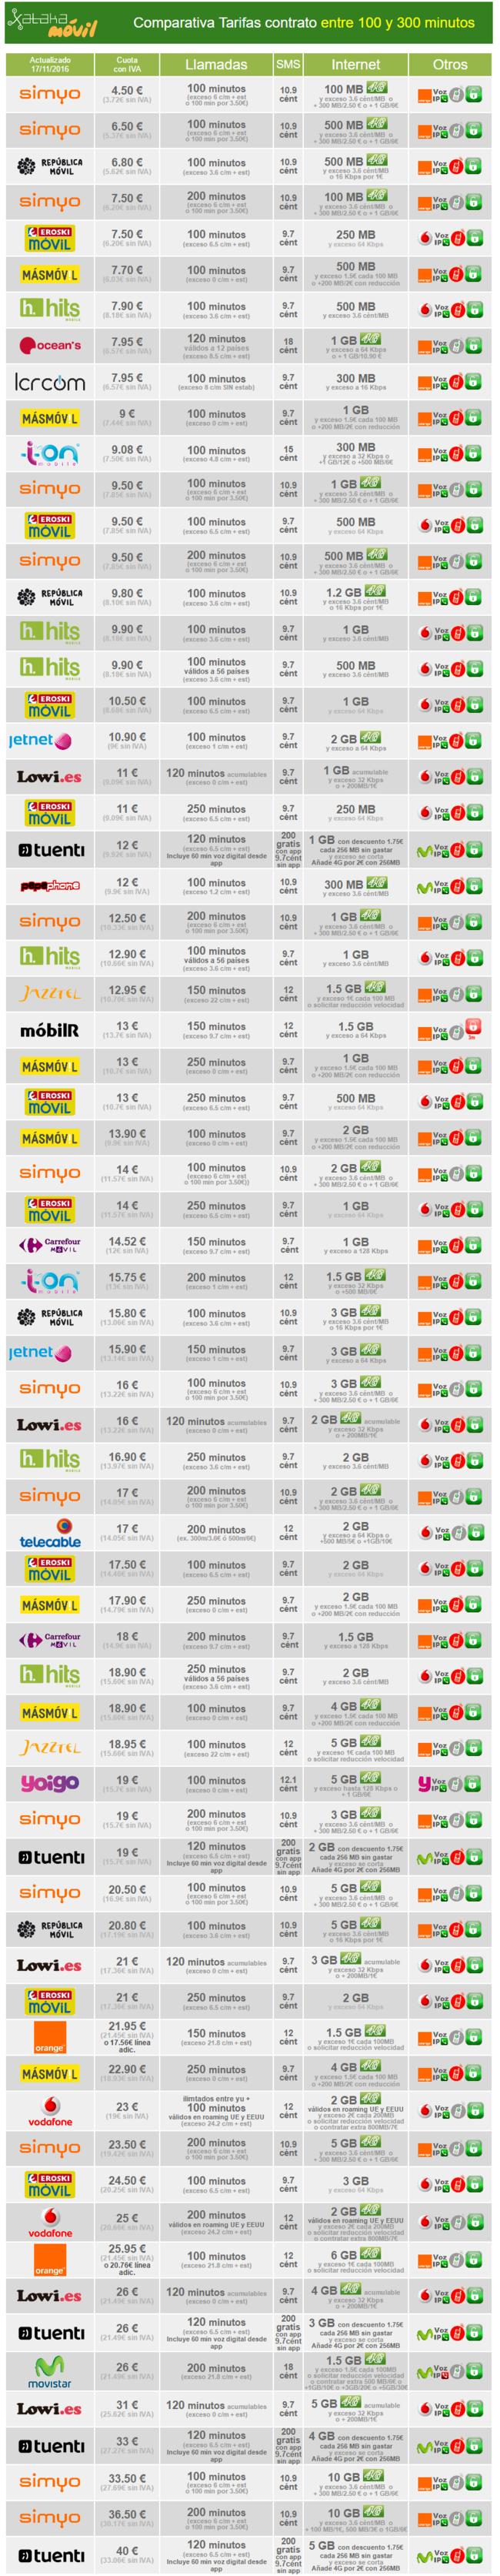 Comparativa Tarifas Contrato Con Bono De Minutos Entre 100 Y 300 Minutos